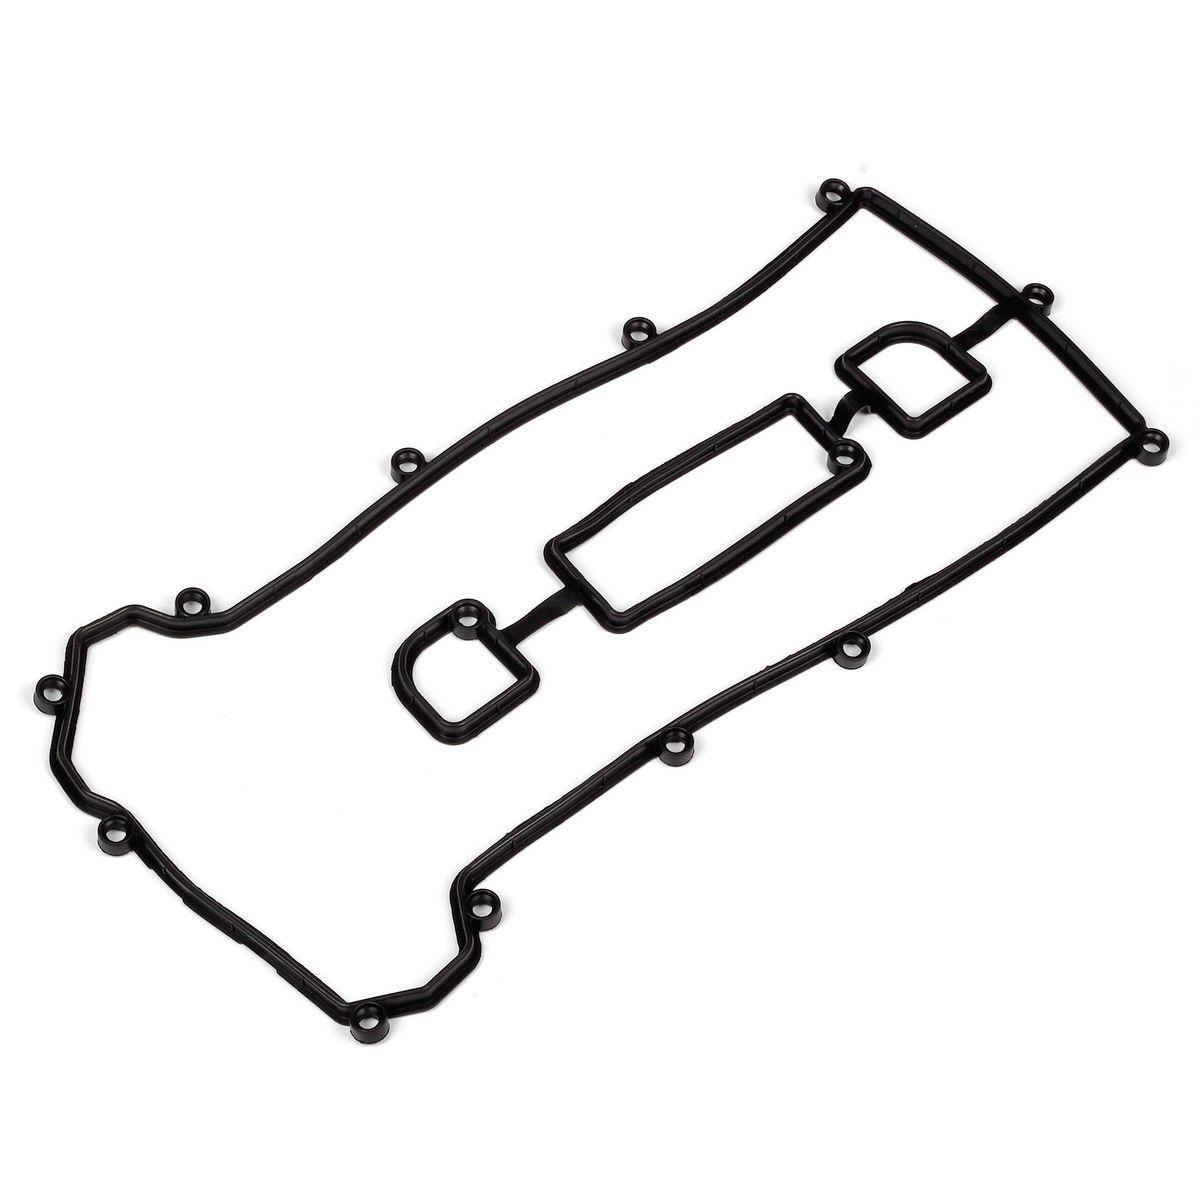 2000 saturn sl1 timing belt repair